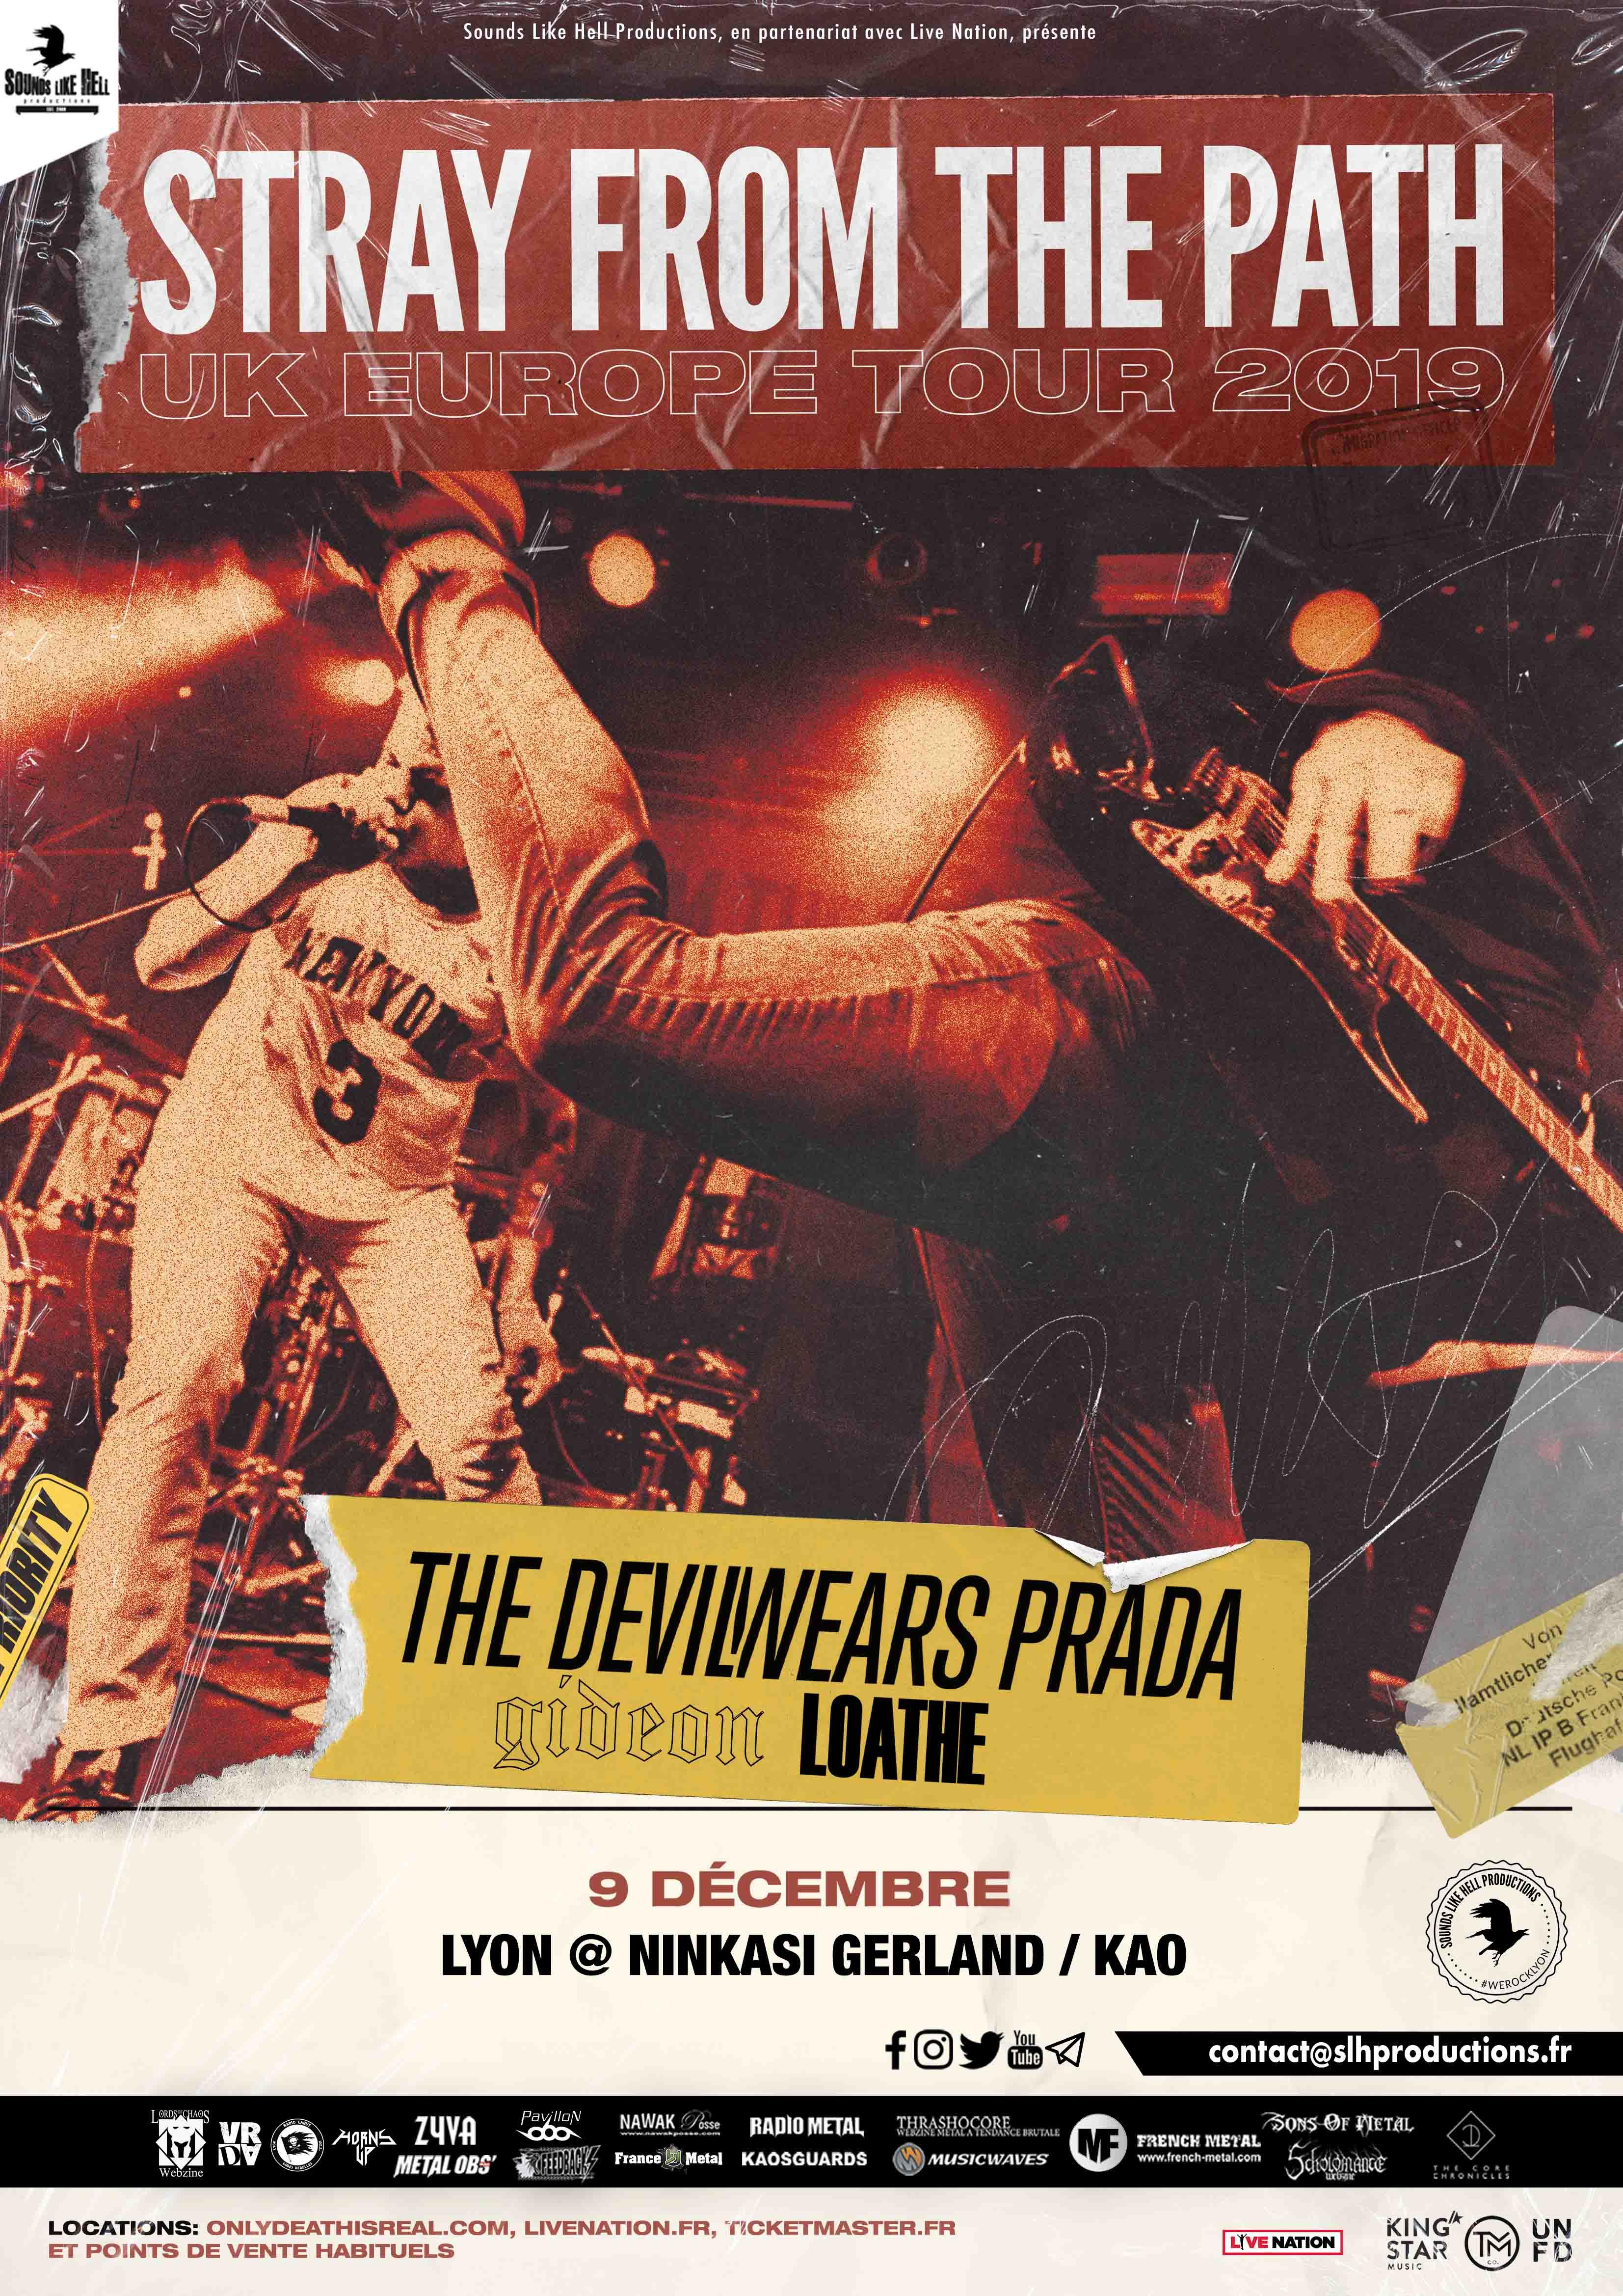 TRAY FROM THE PATH + THE DEVIL WEARS PRADA + GIDEON + LOATHE en concert à Lyon le 9 décembre 2019